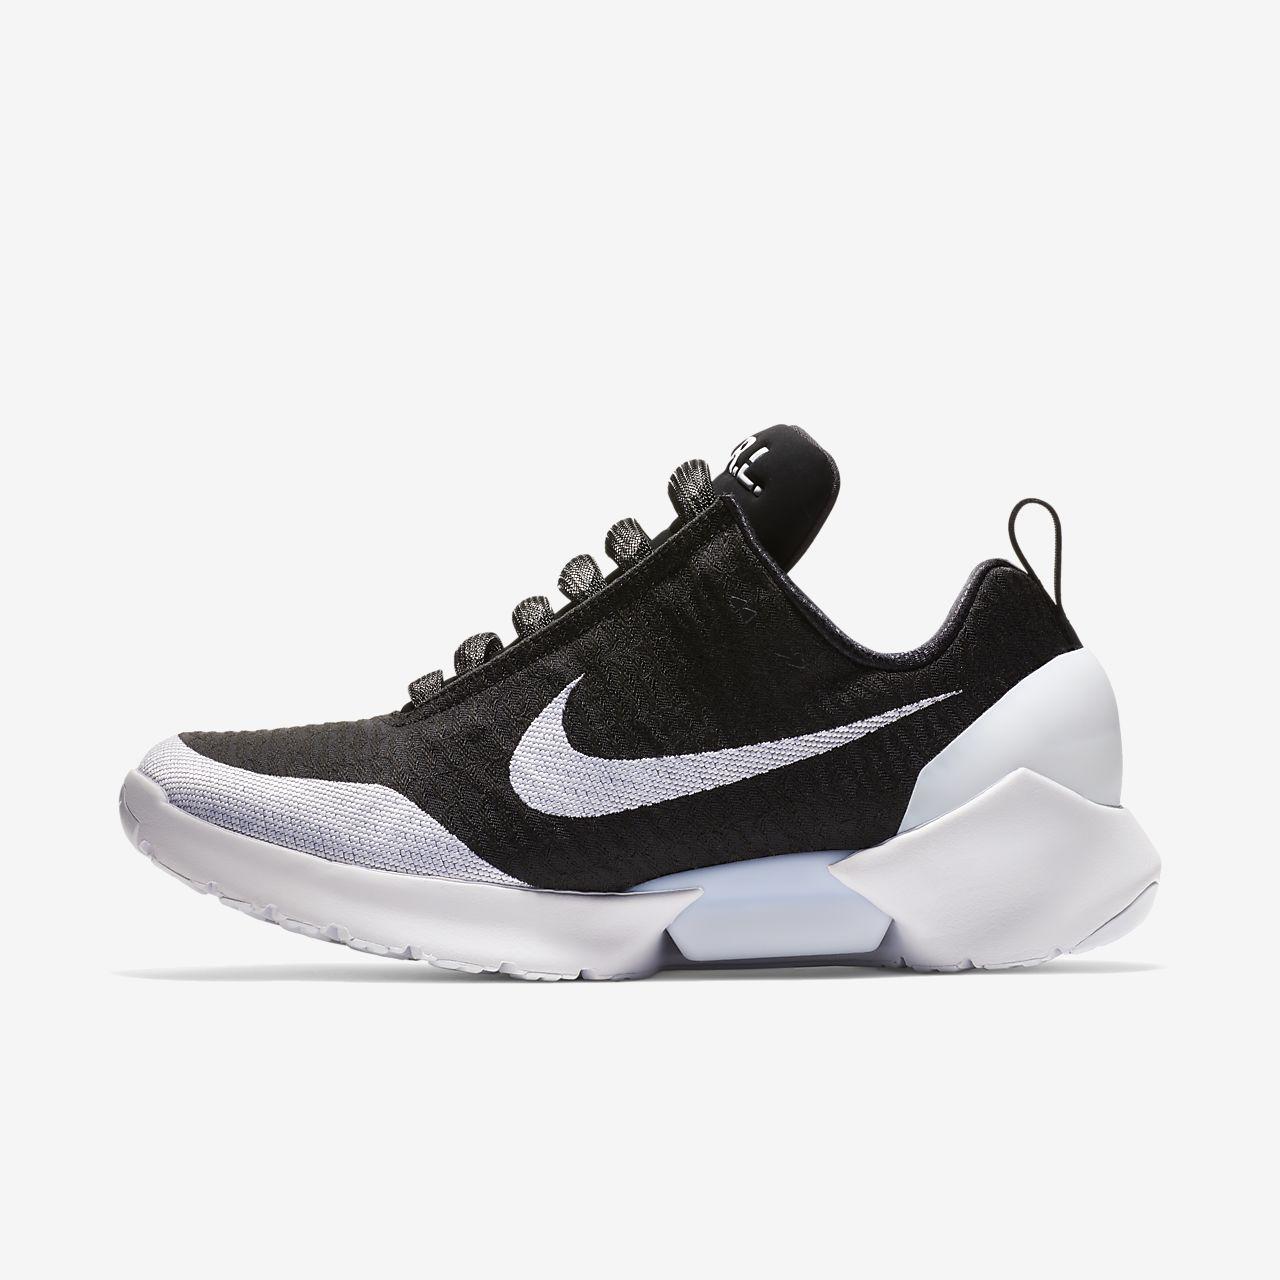 Мужские кроссовки Nike HyperAdapt 1.0